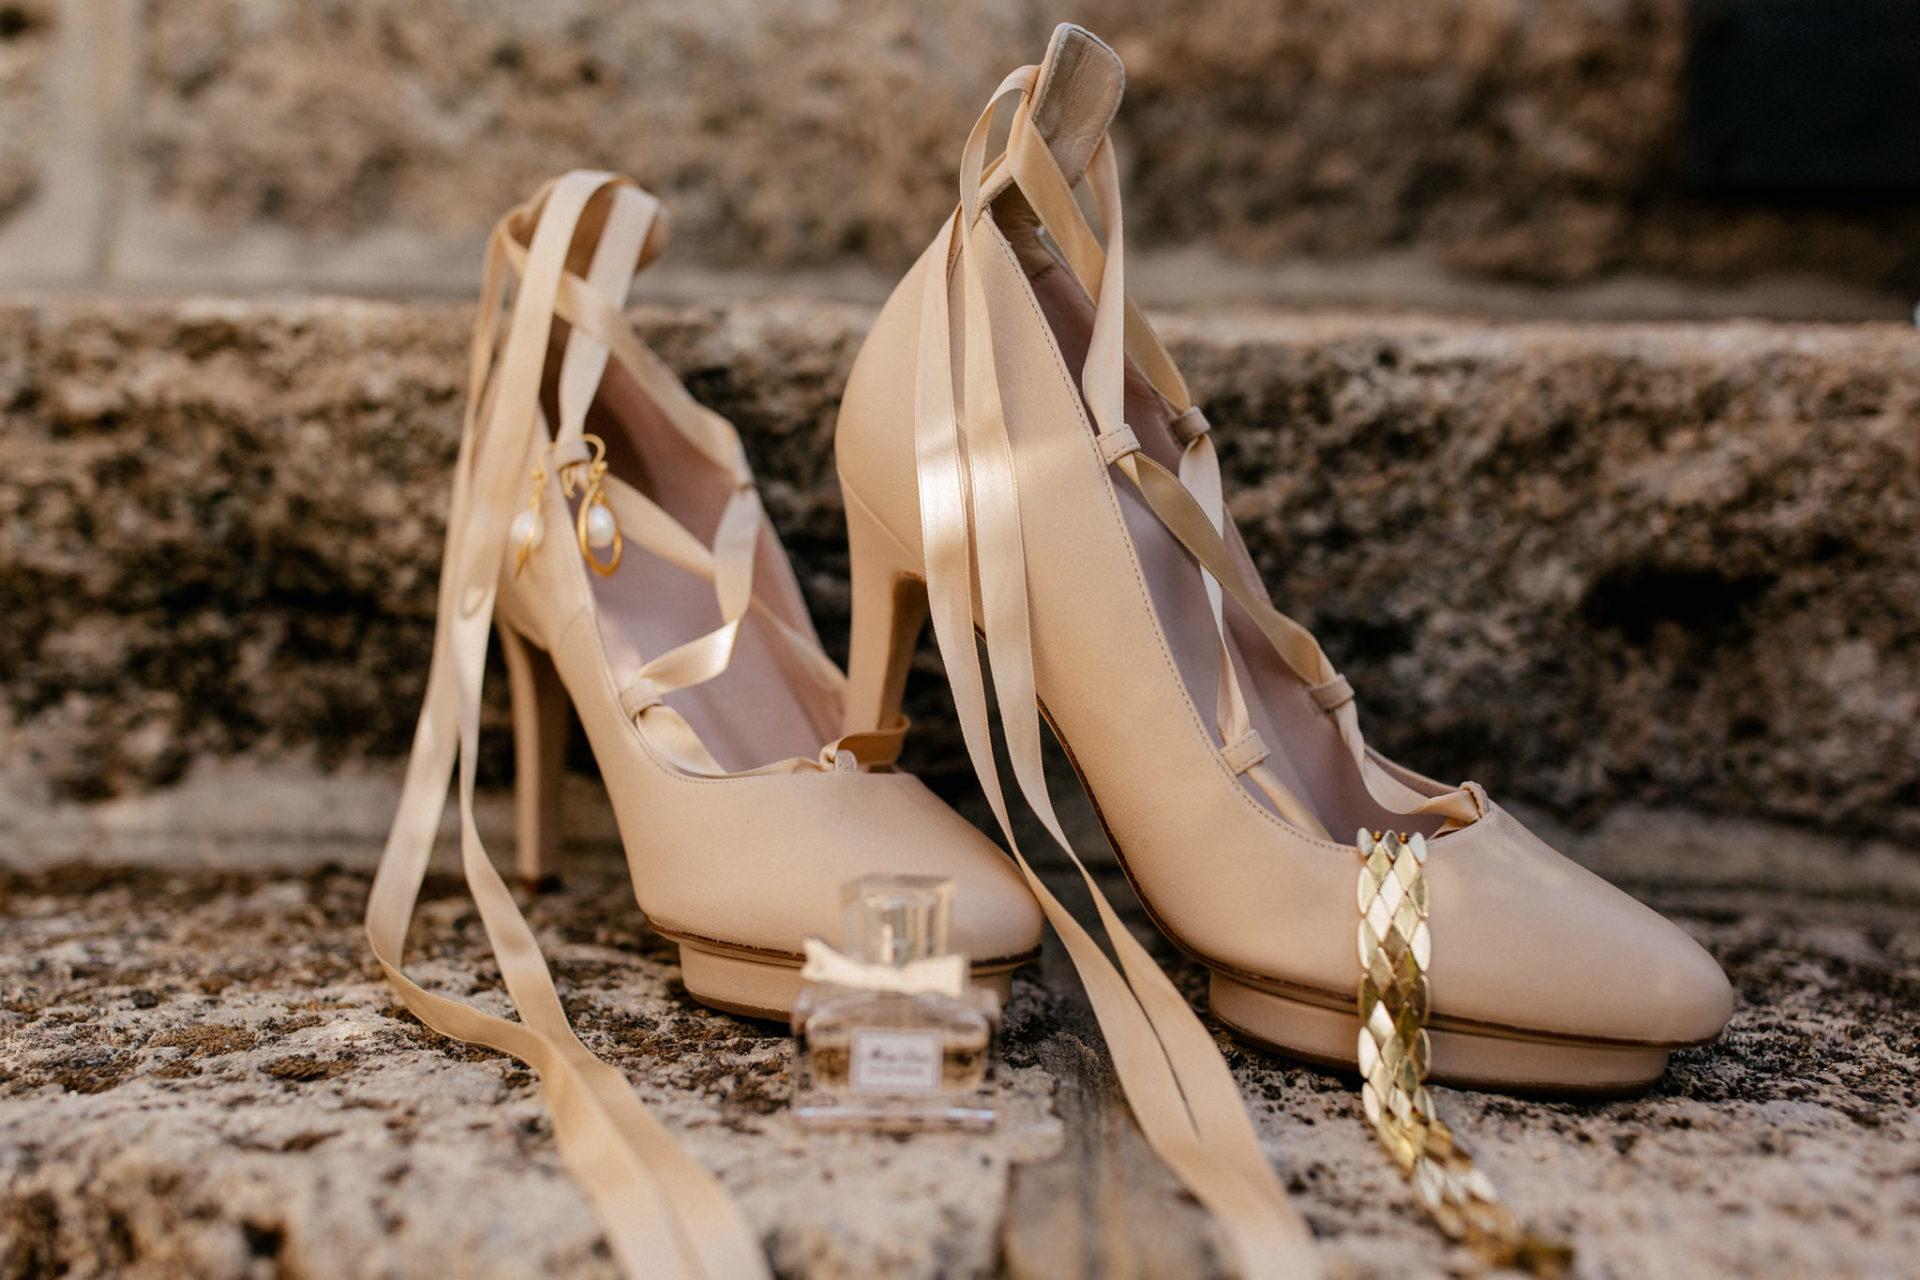 wedding photographer amalfi coast-italy wedding-roccamore shoes high heels wedding